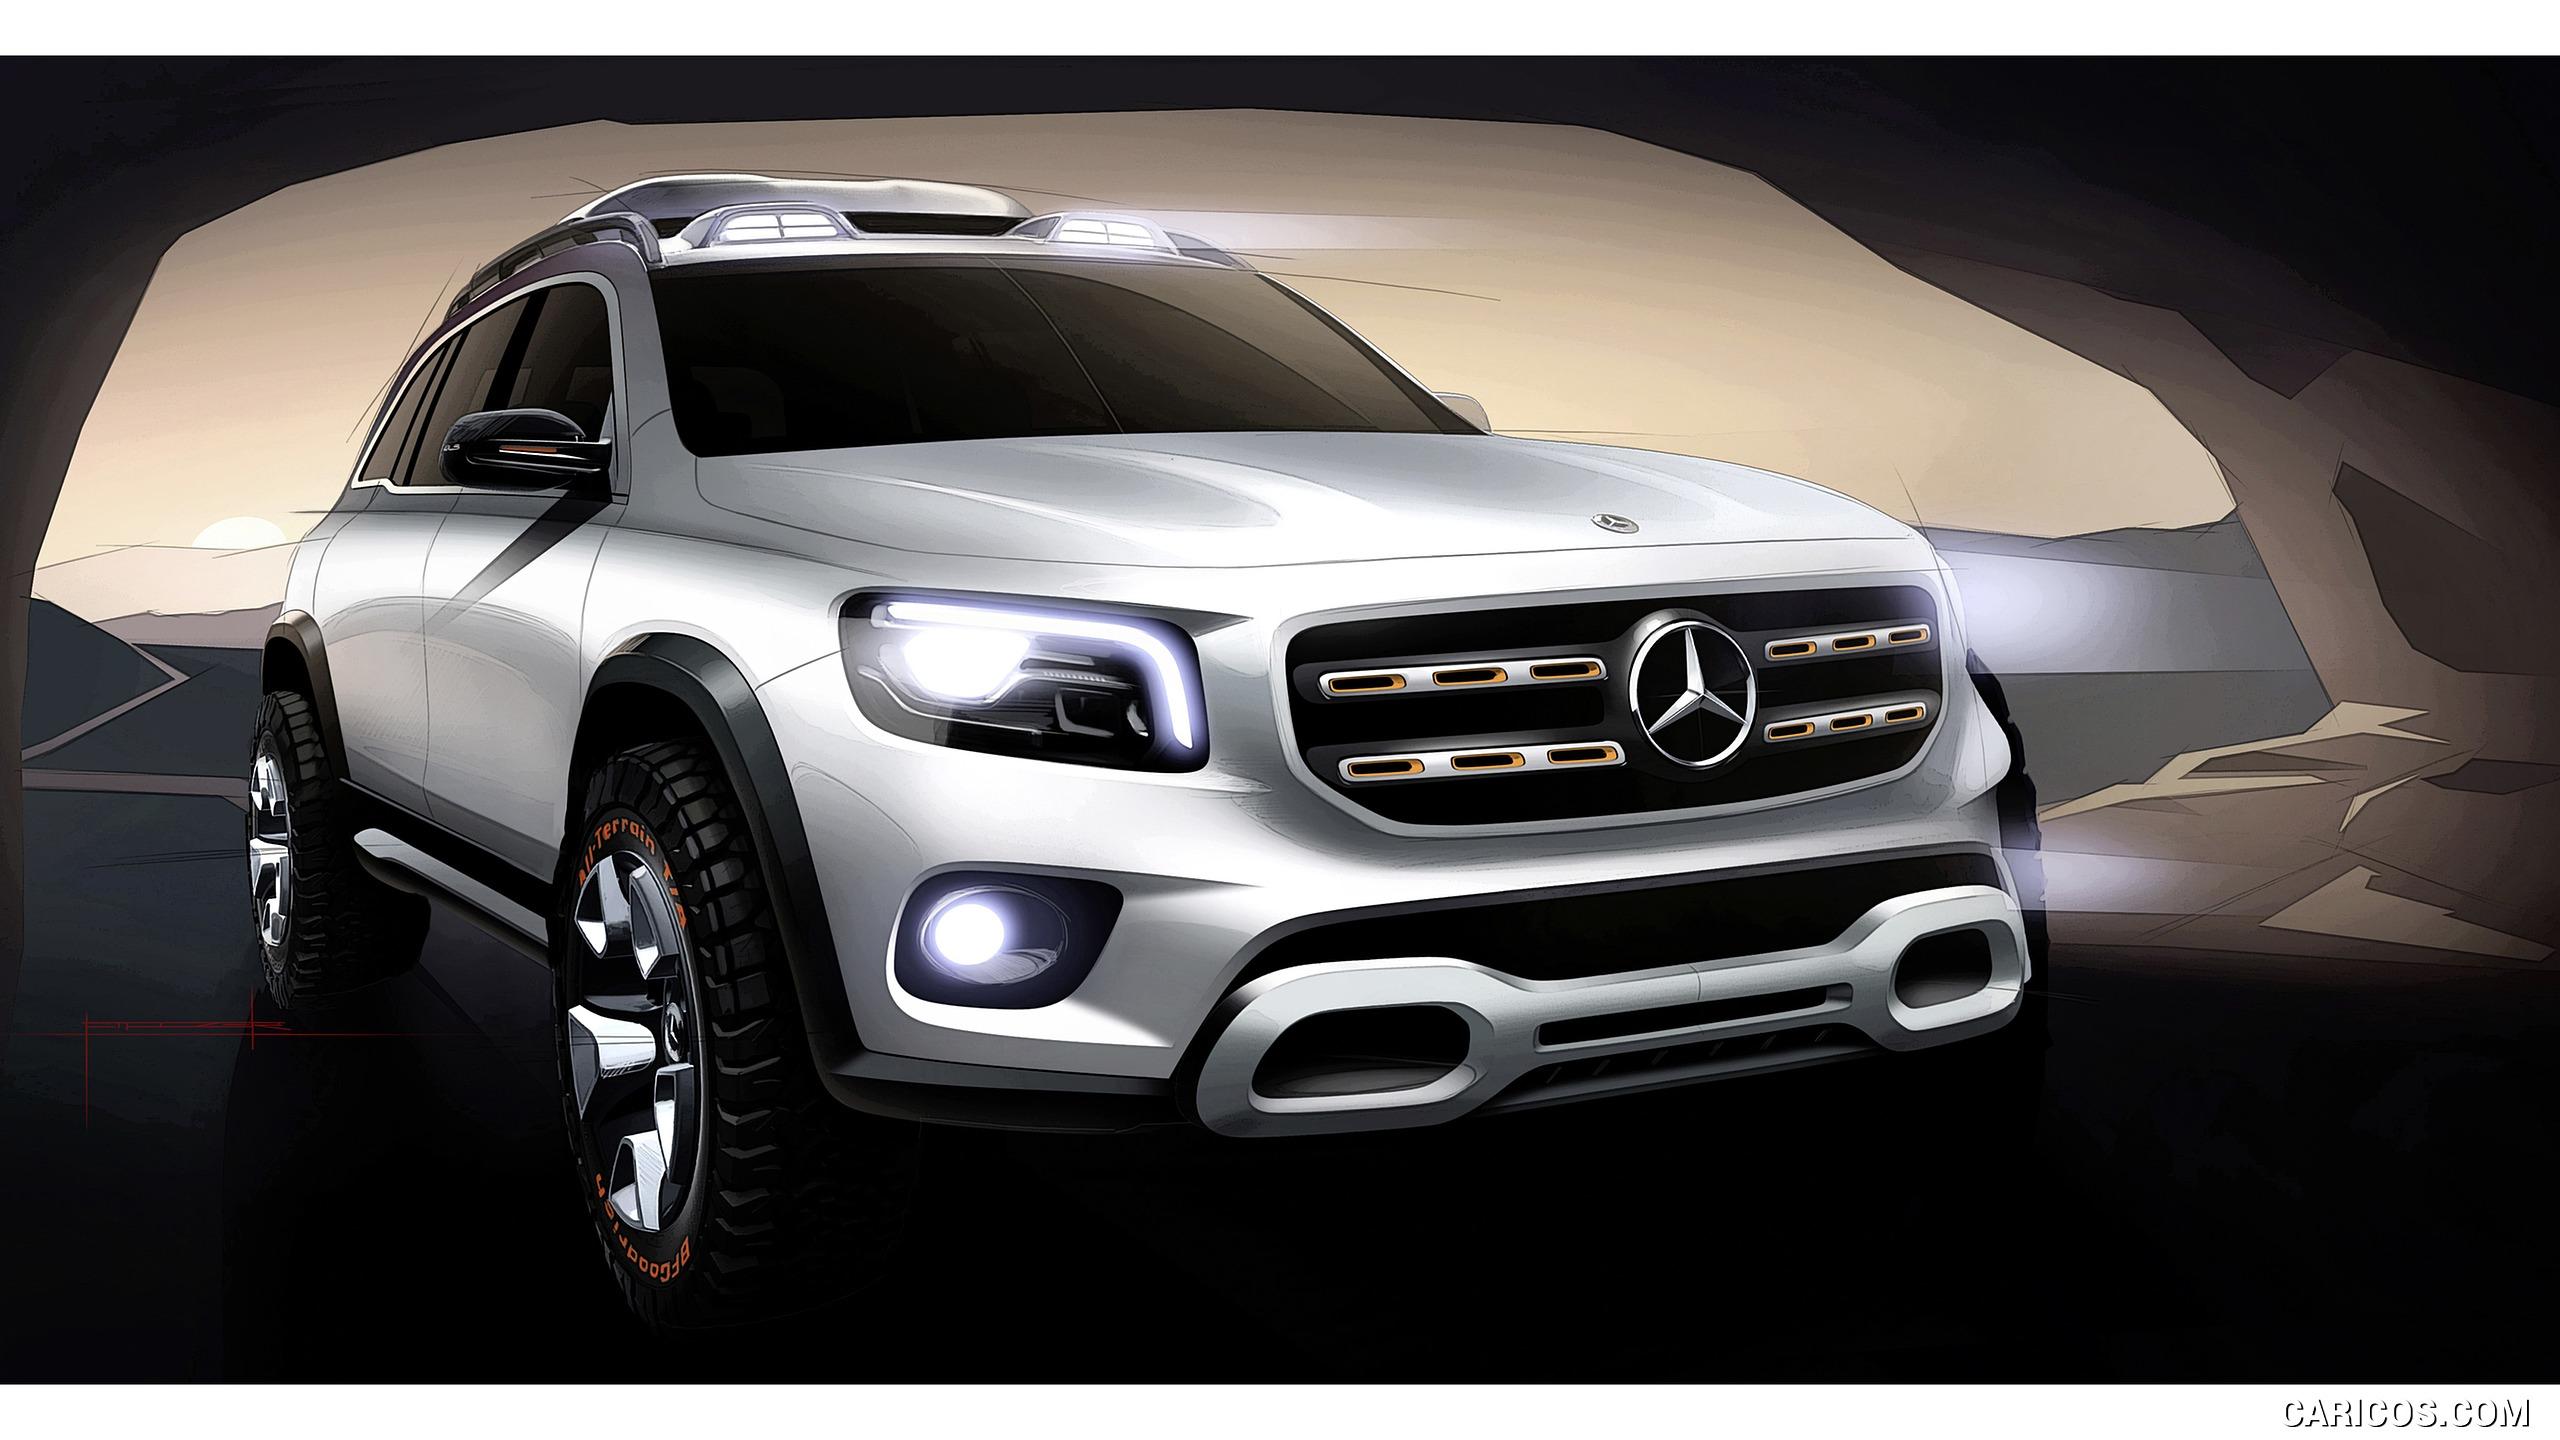 2019 Mercedes Benz GLB Concept   Design Sketch HD Wallpaper 18 2560x1440